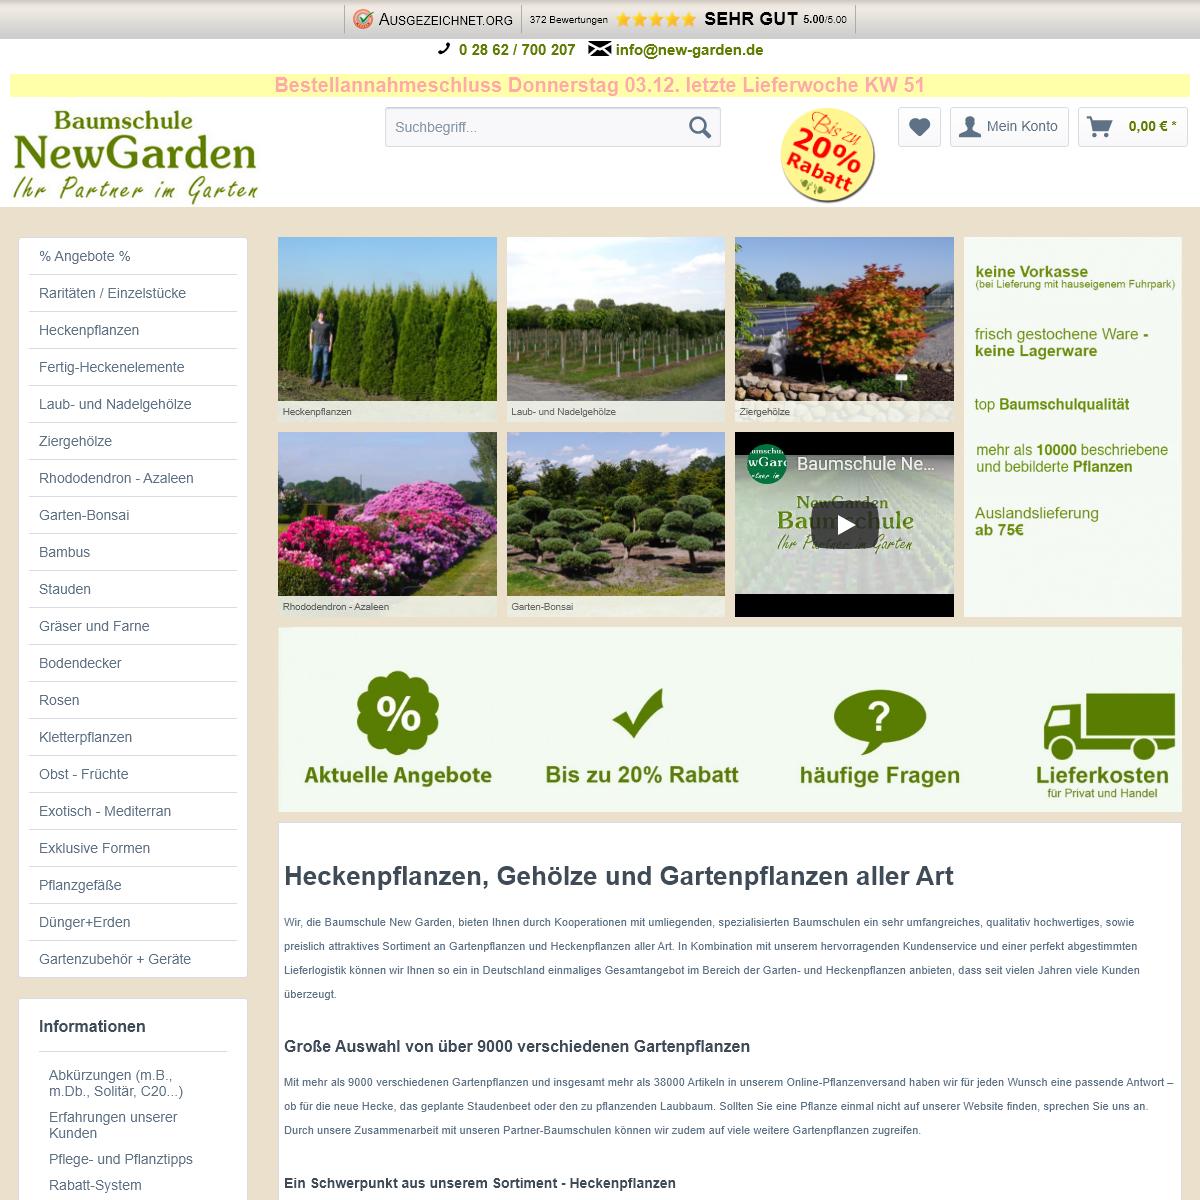 Über 10.000 verschiedene Gartenpflanzen günstig in Top-Baumschulqualität kaufen